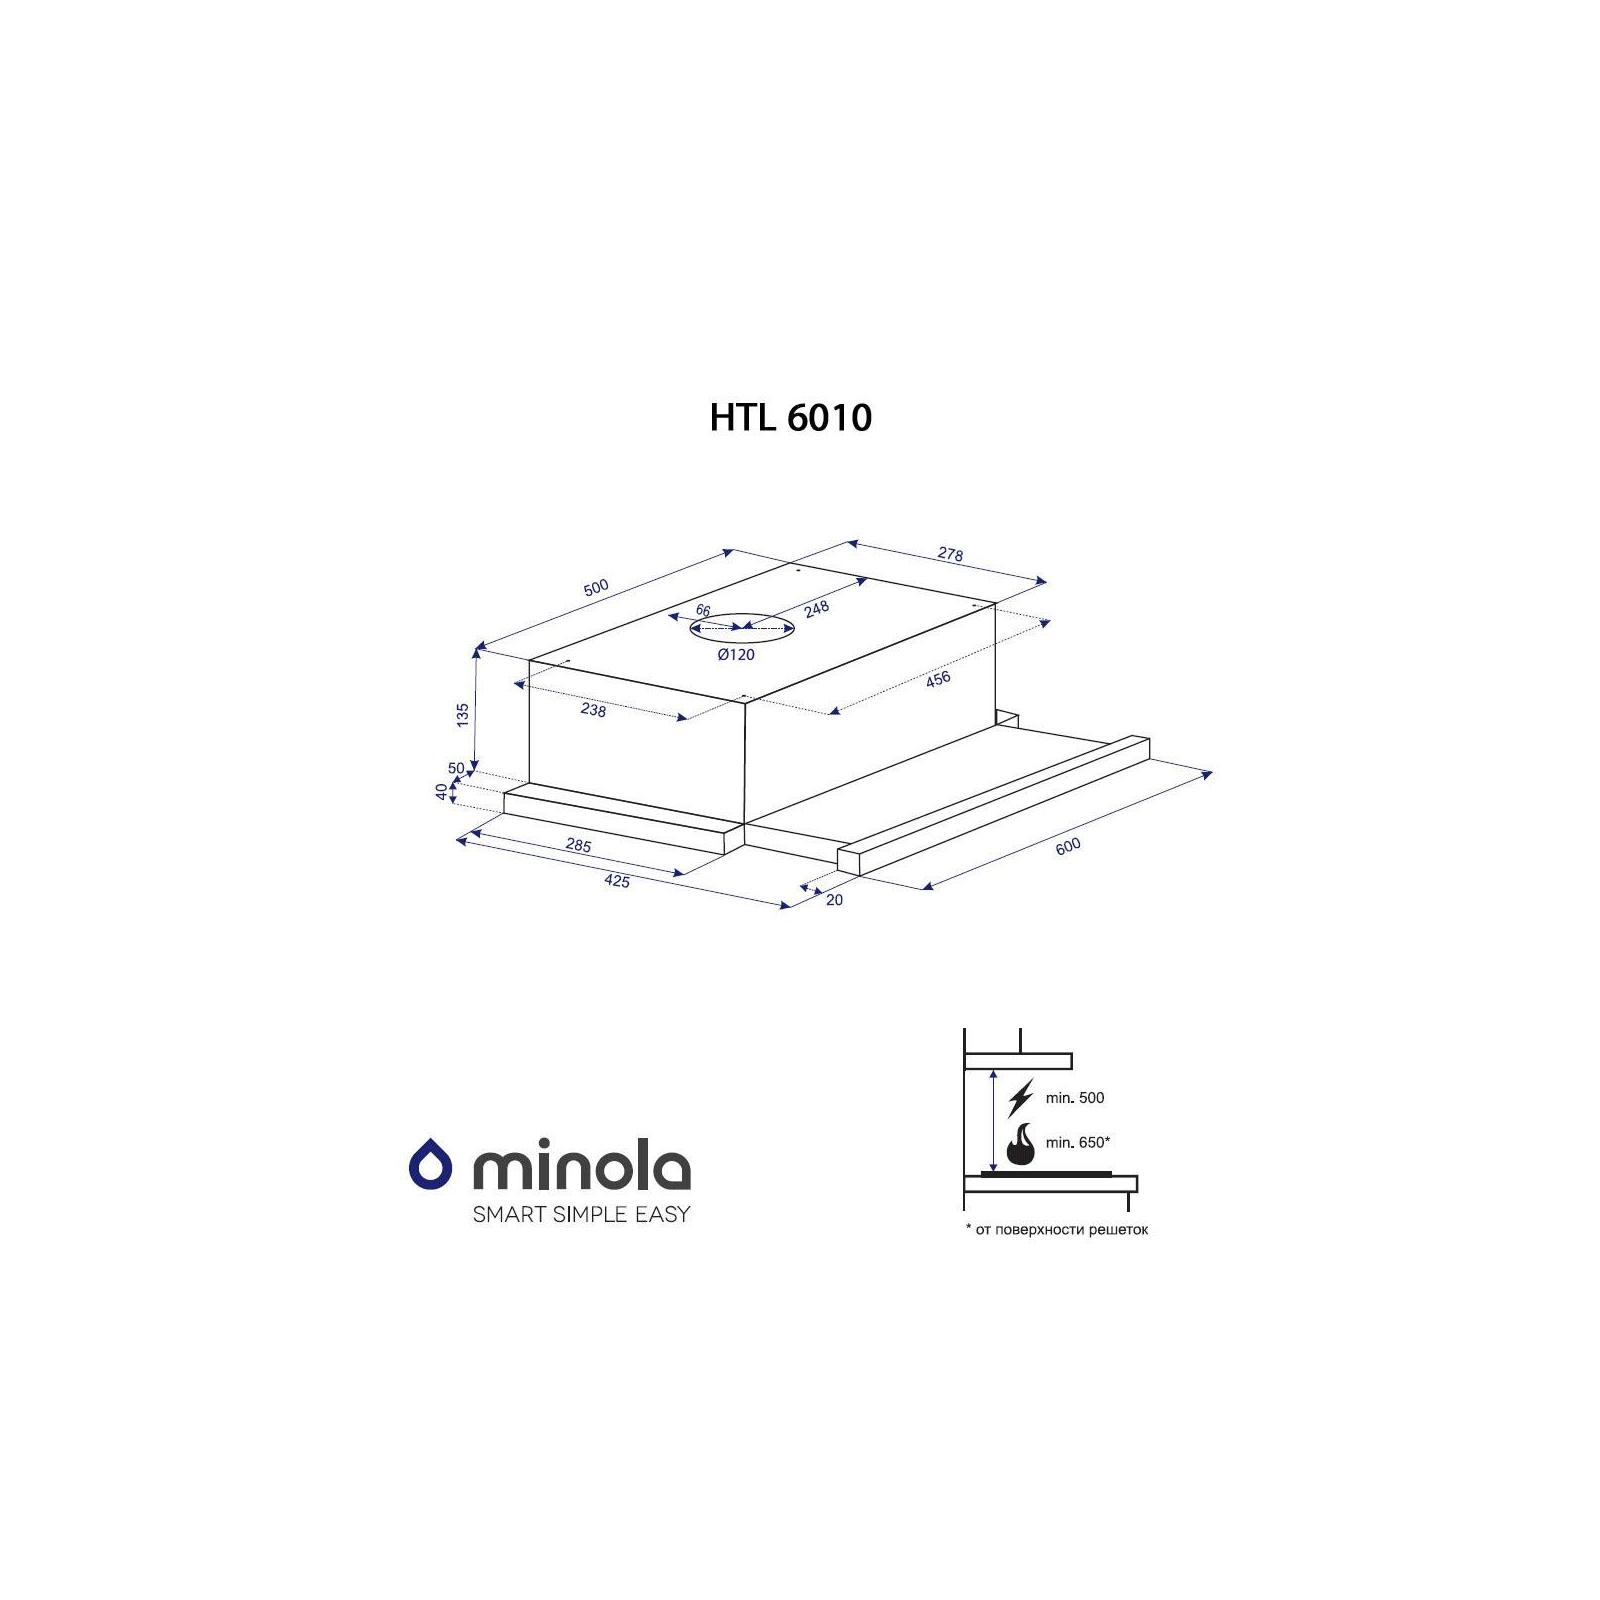 Вытяжка кухонная MINOLA HTL 6010 FULL INOX 430 изображение 7